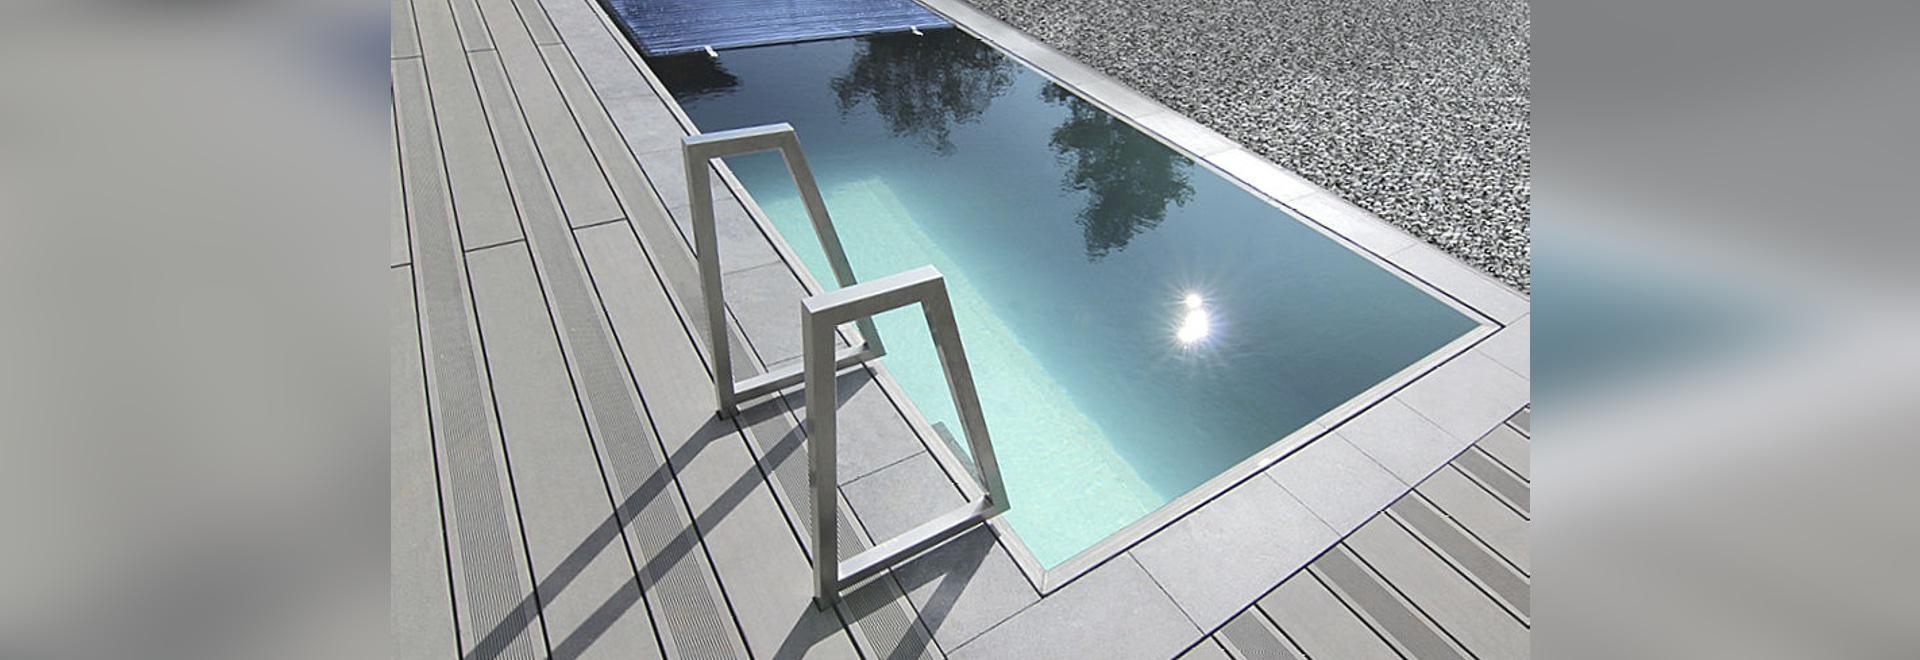 Piscine En Inox Steel And Style marine inox - overflow stainless steel pool - luxe pools